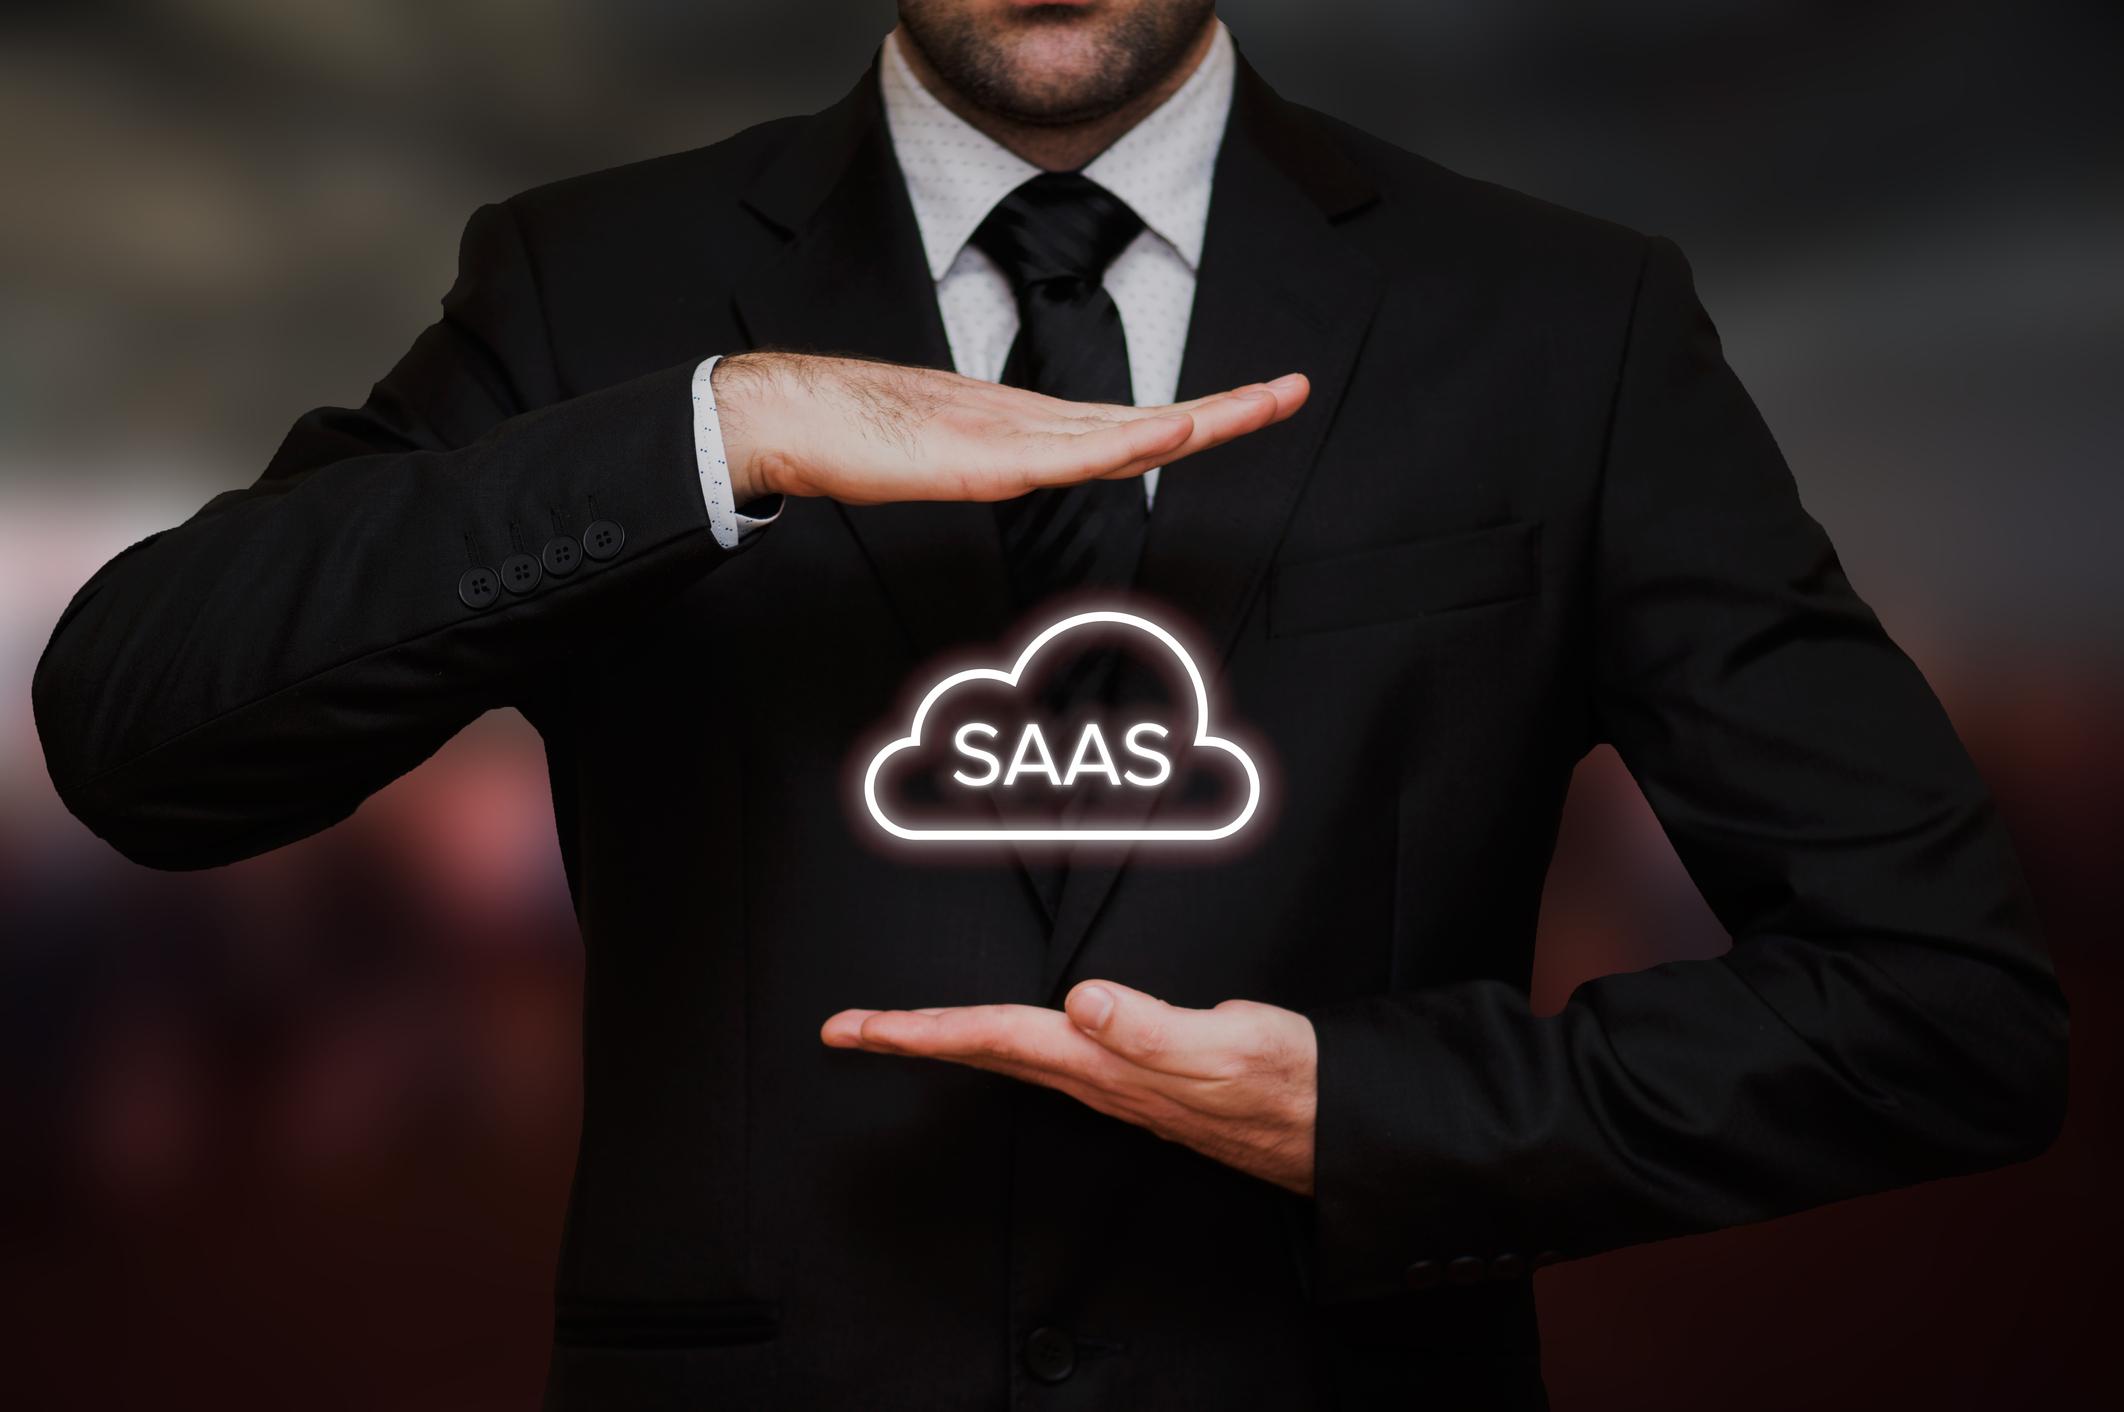 11Métricas fundamentales para empresas de SaaS